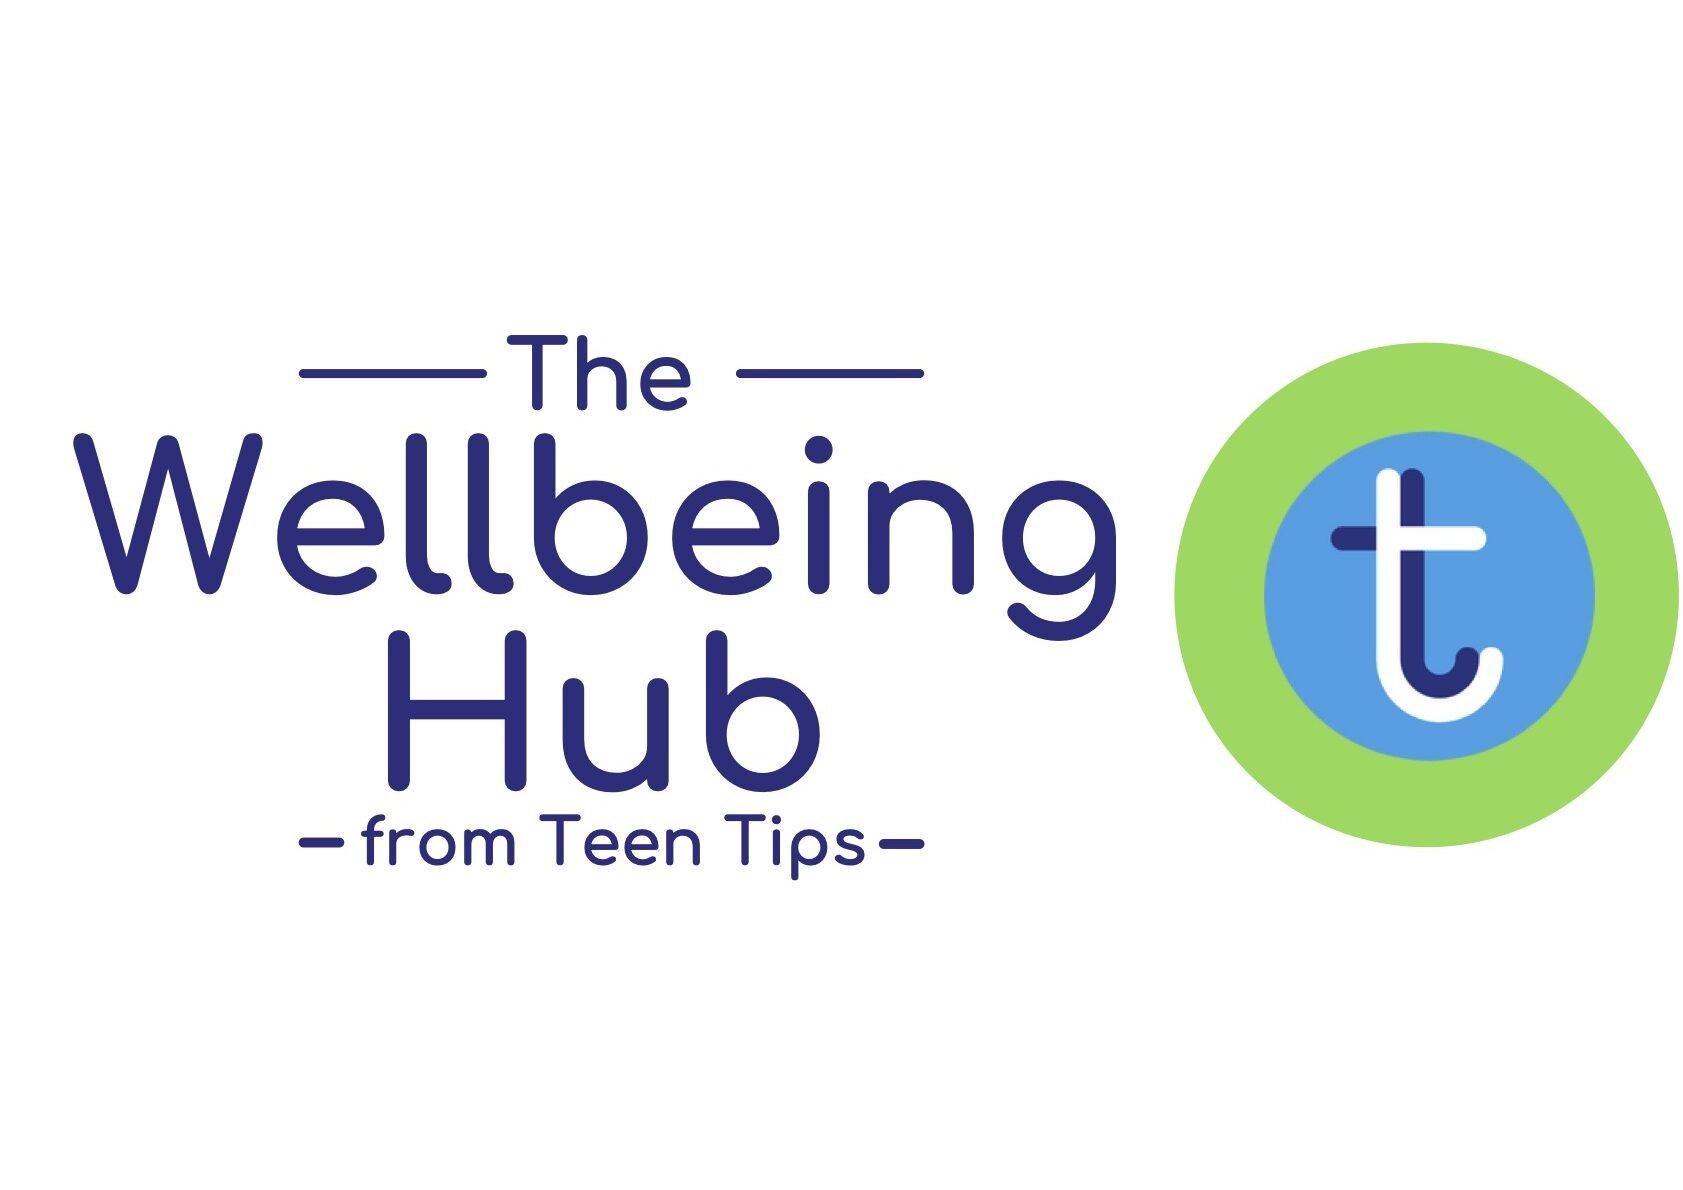 Teen Tips Wellbeing hub